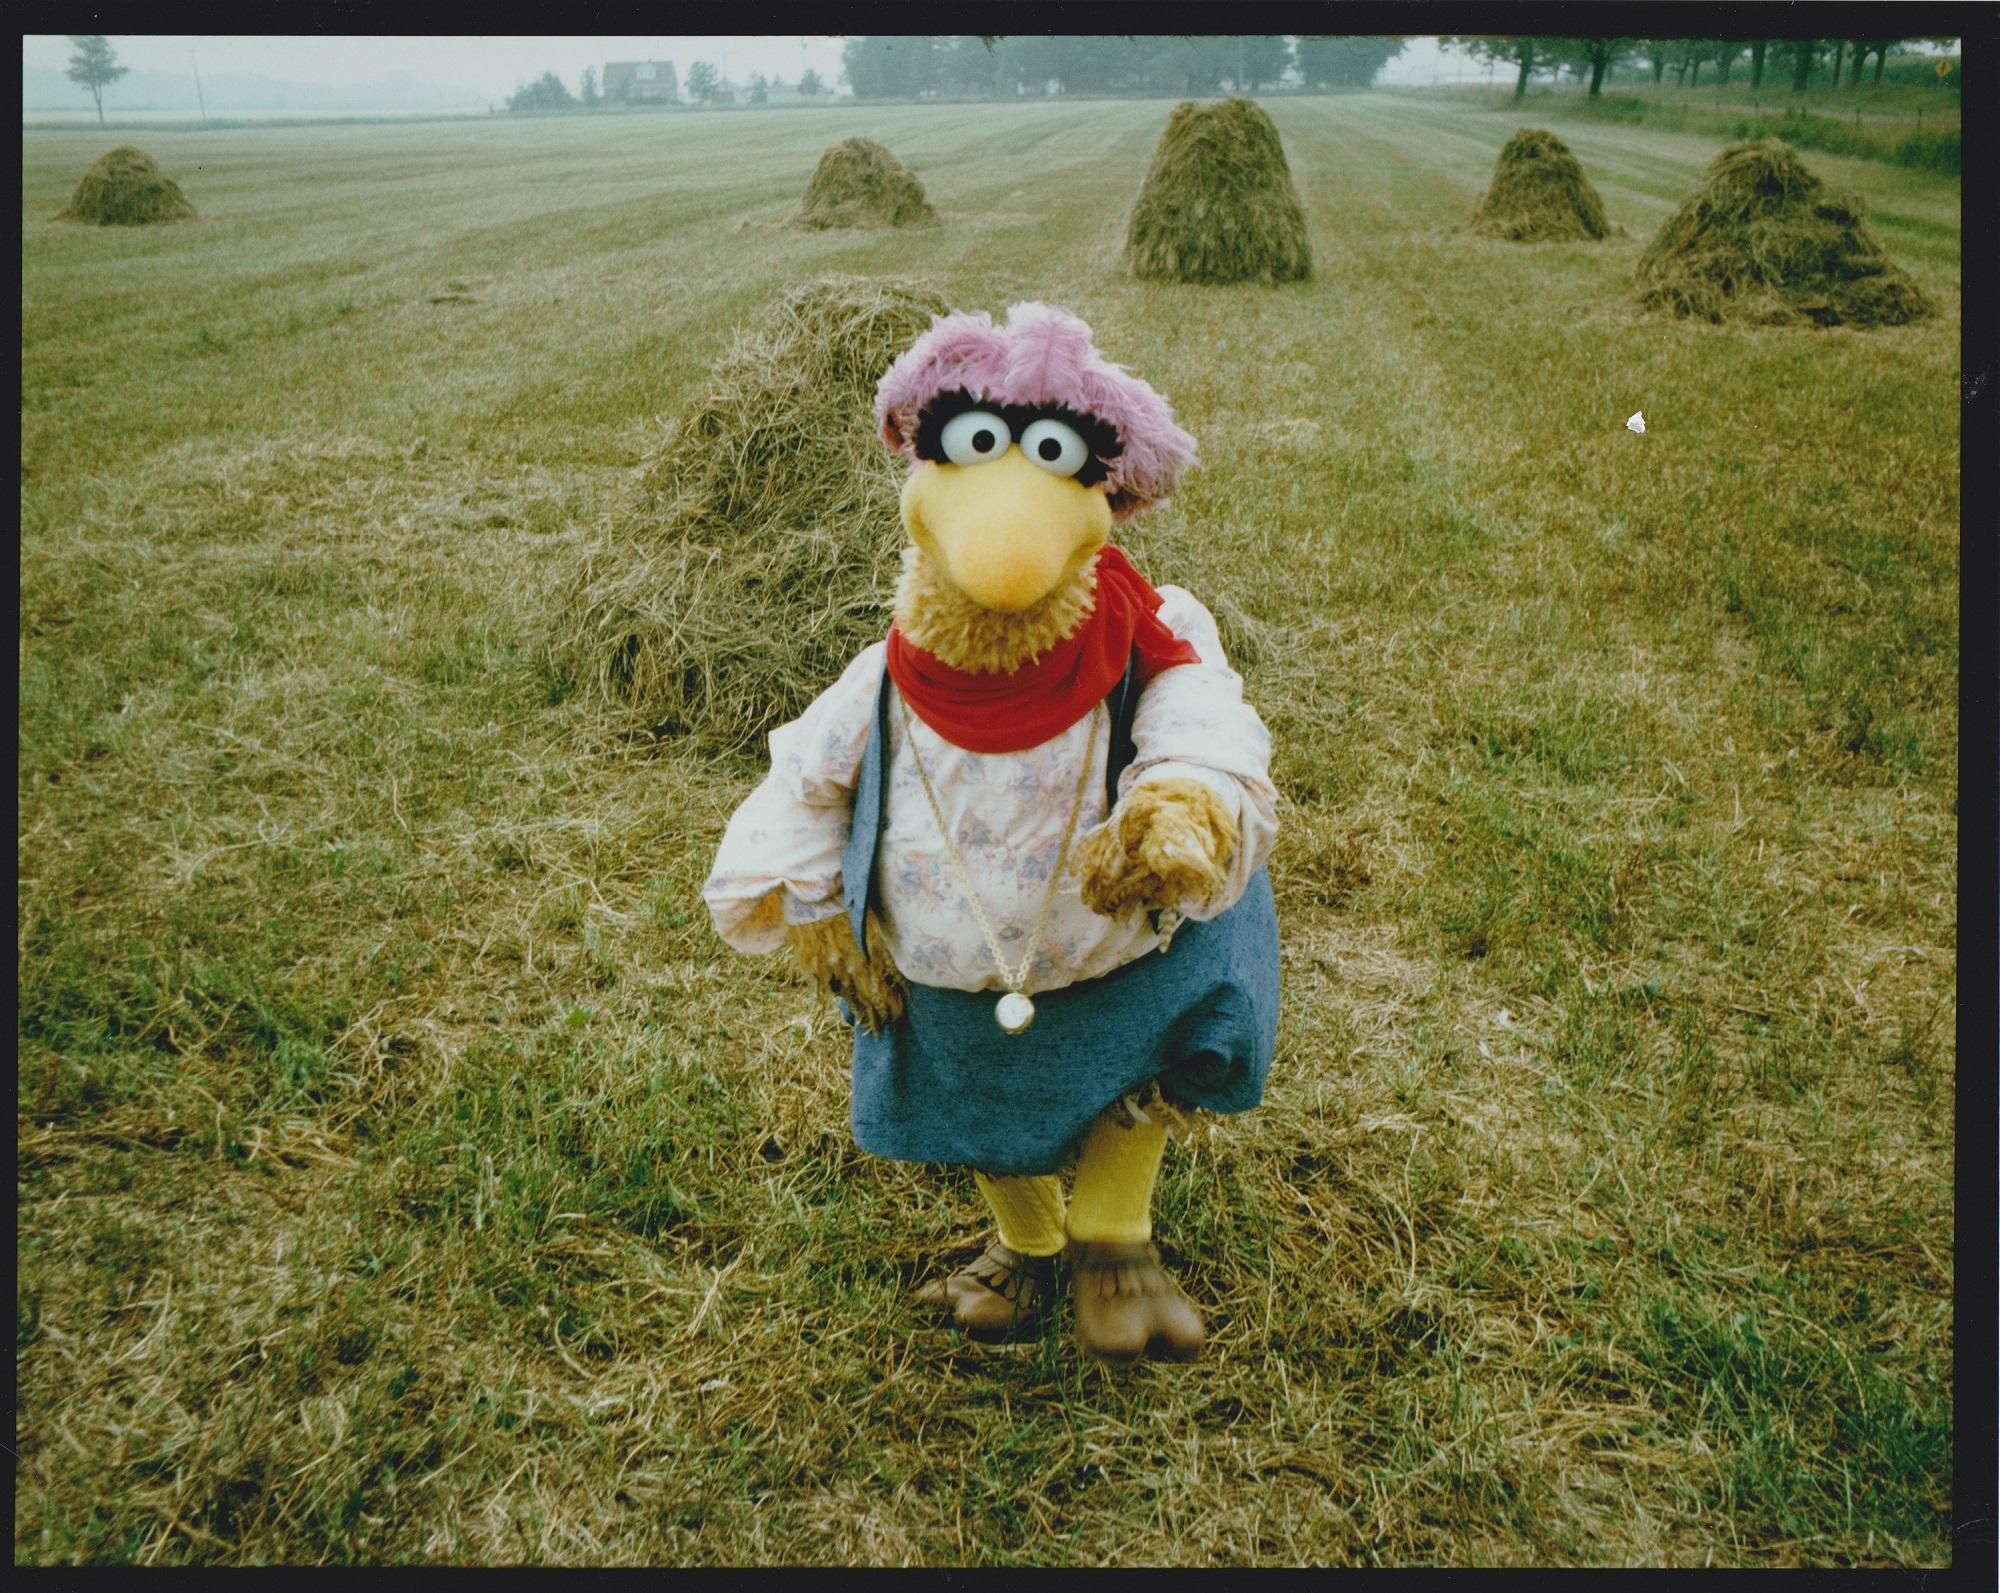 How Follow That Bird The First Sesame Street Film Became A